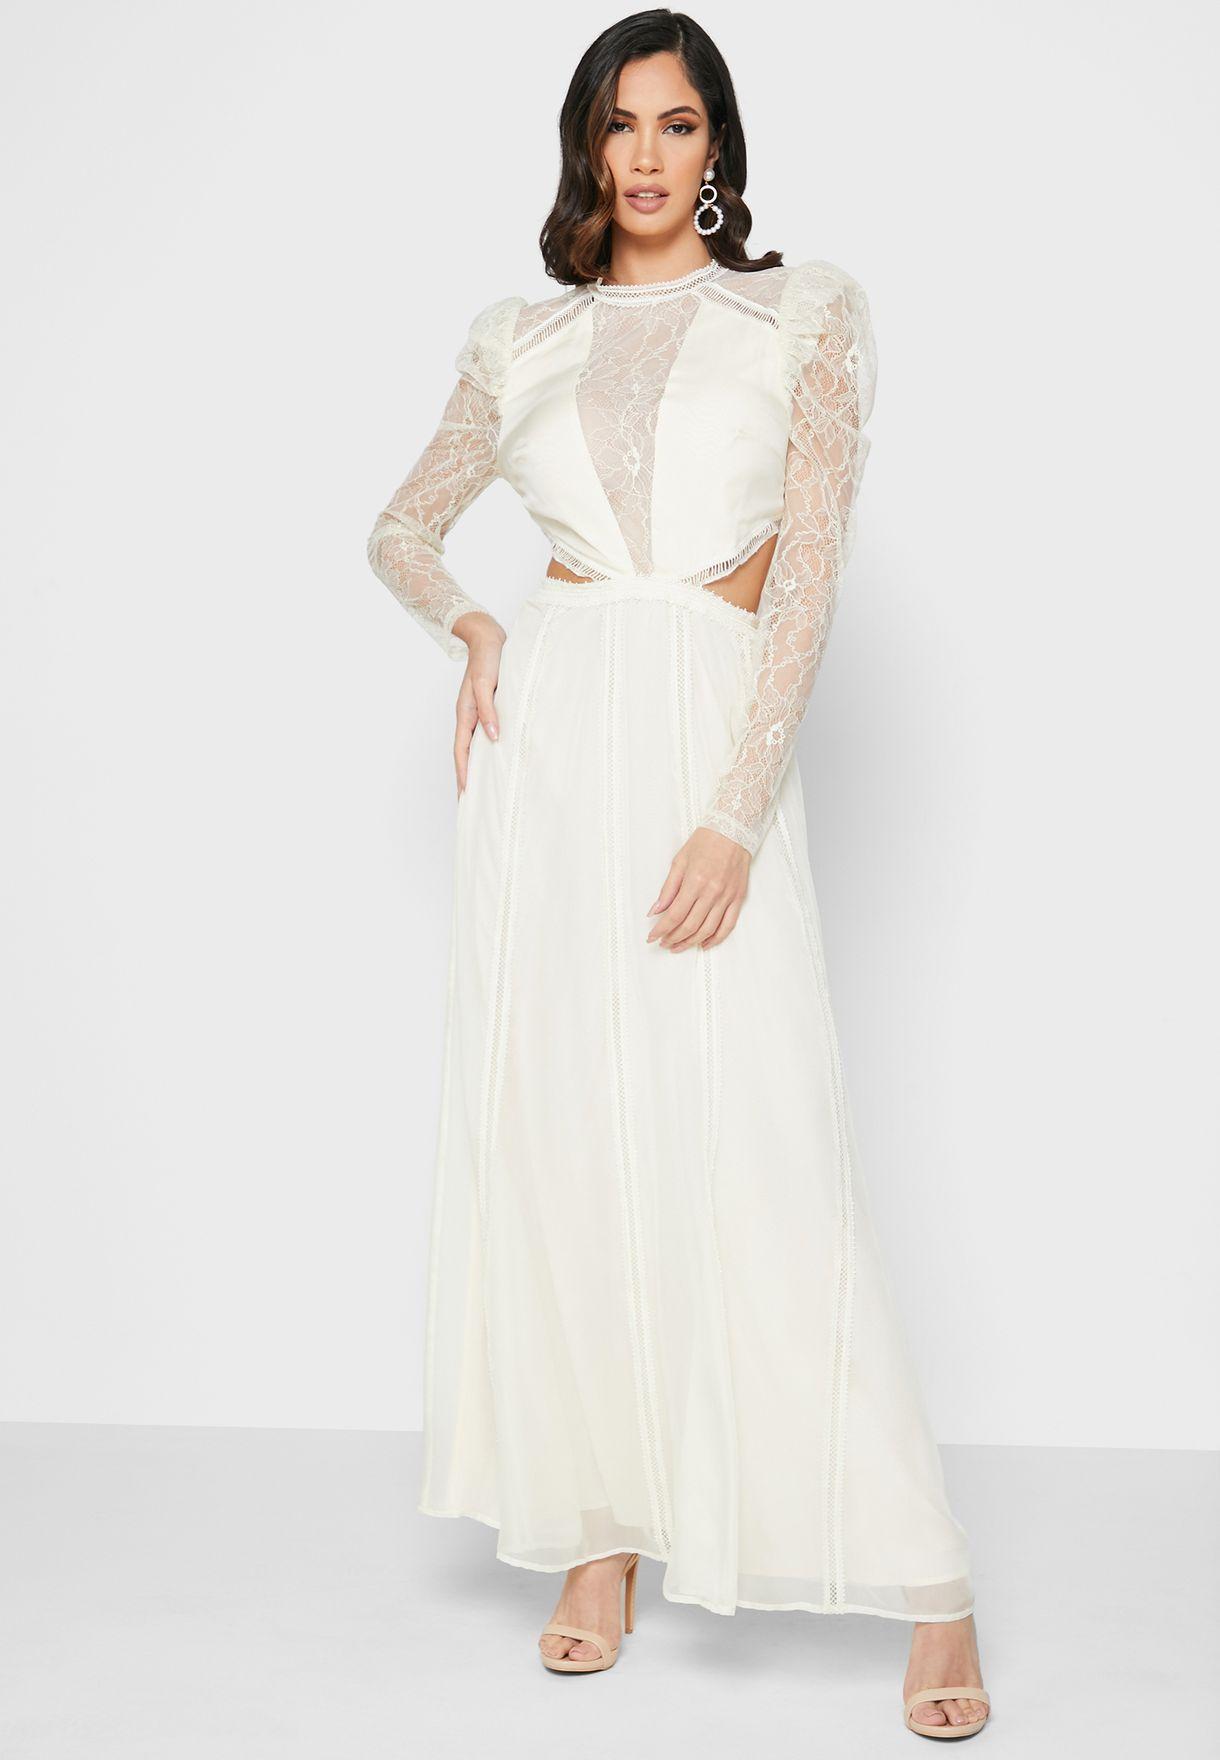 Lace Inserts Dress